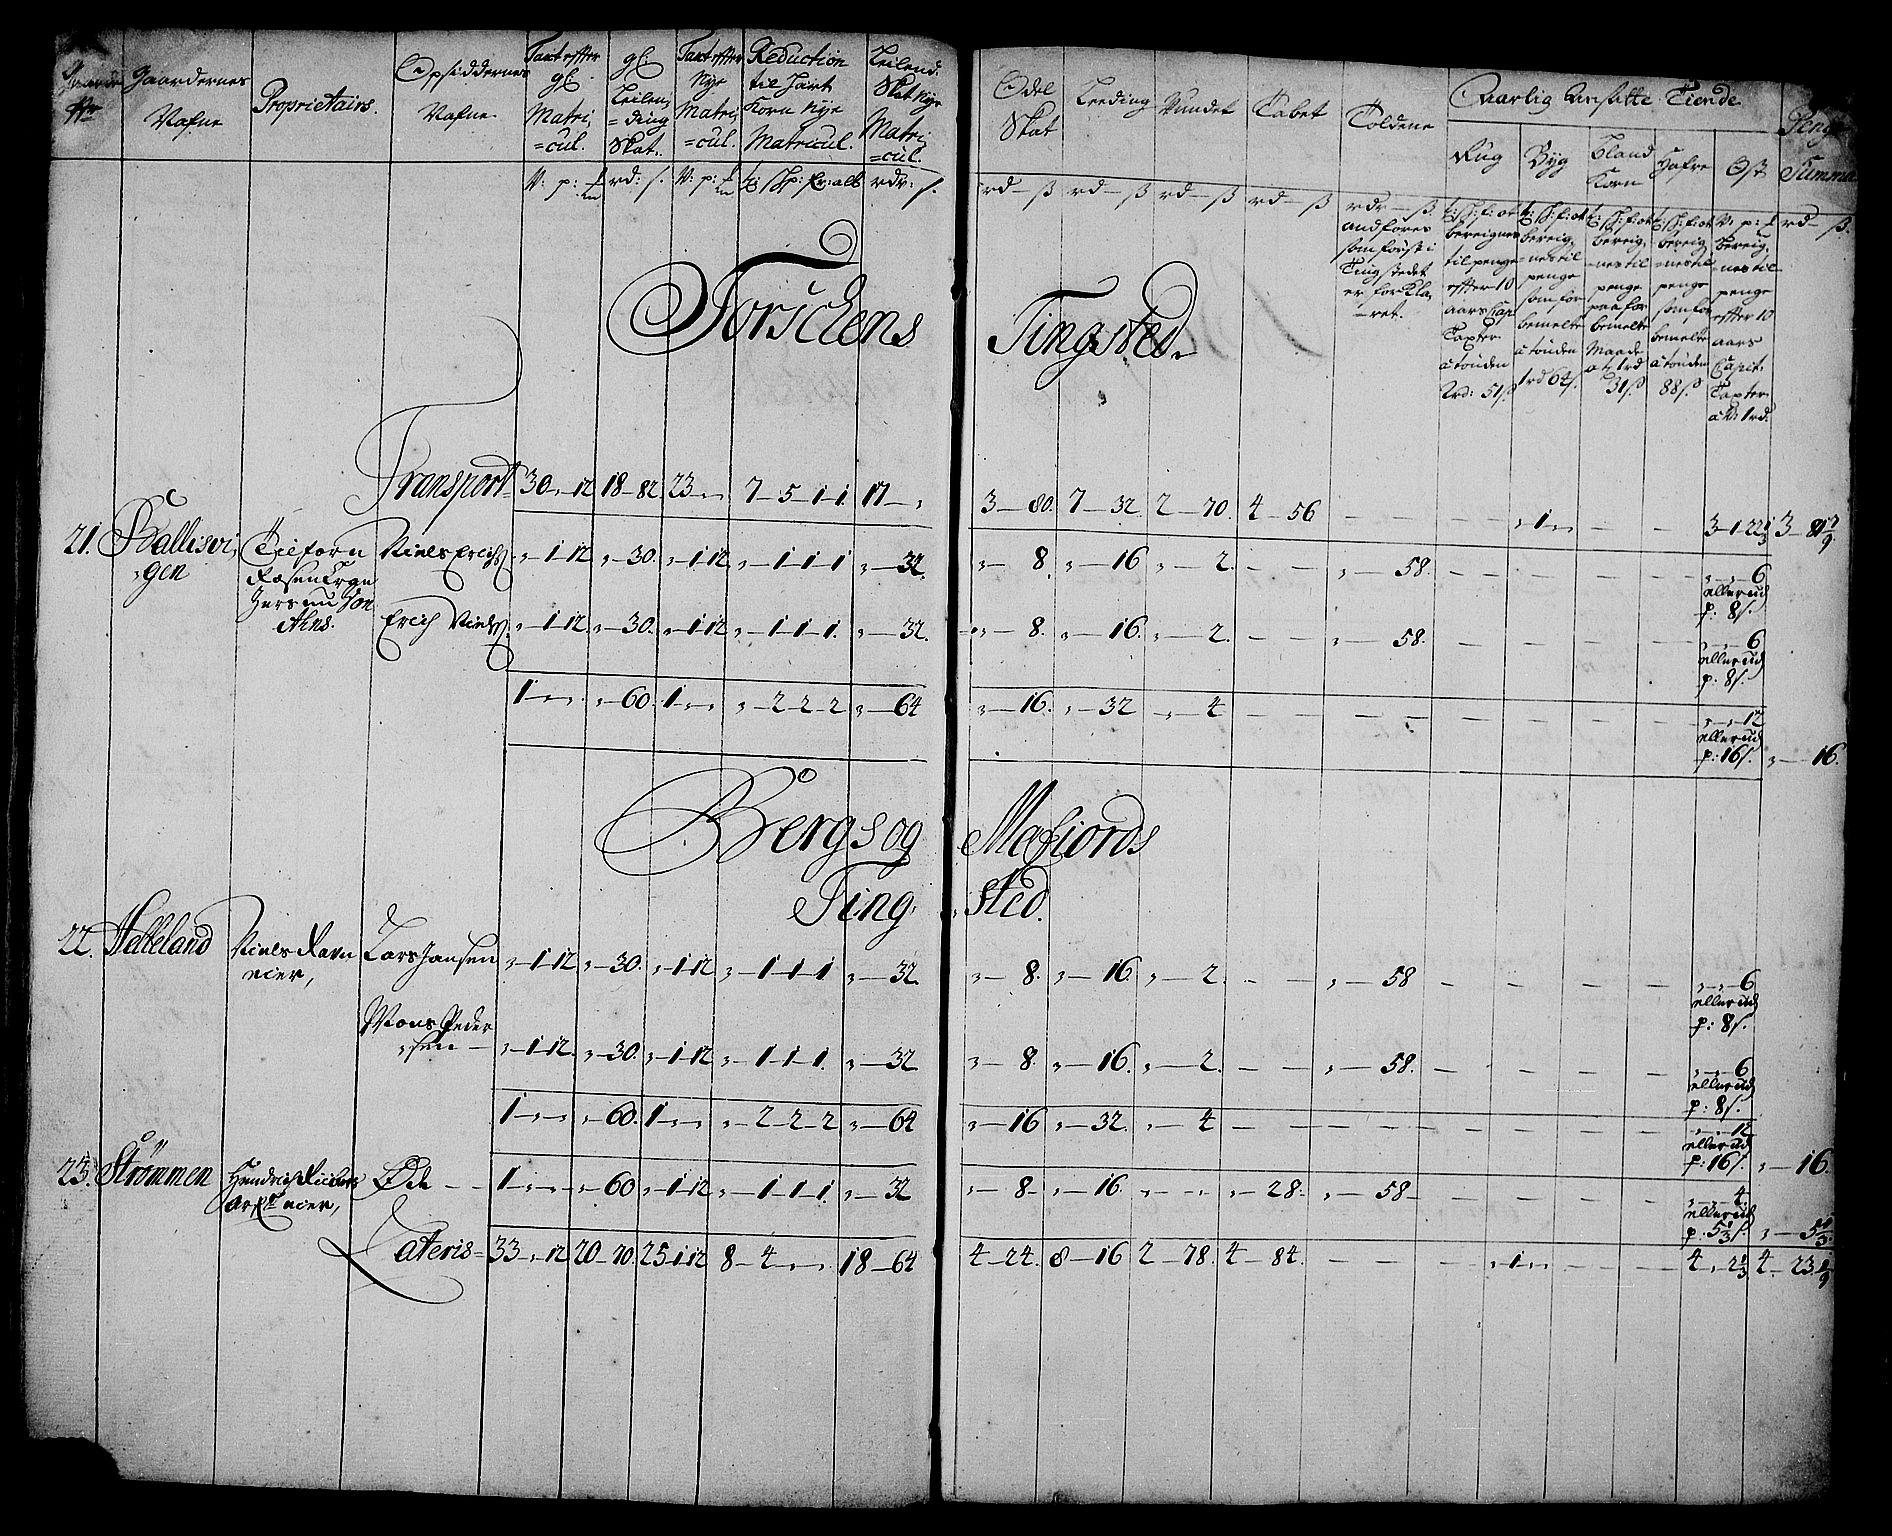 RA, Rentekammeret inntil 1814, Realistisk ordnet avdeling, N/Nb/Nbf/L0179: Senja matrikkelprotokoll, 1723, s. 111b-112a